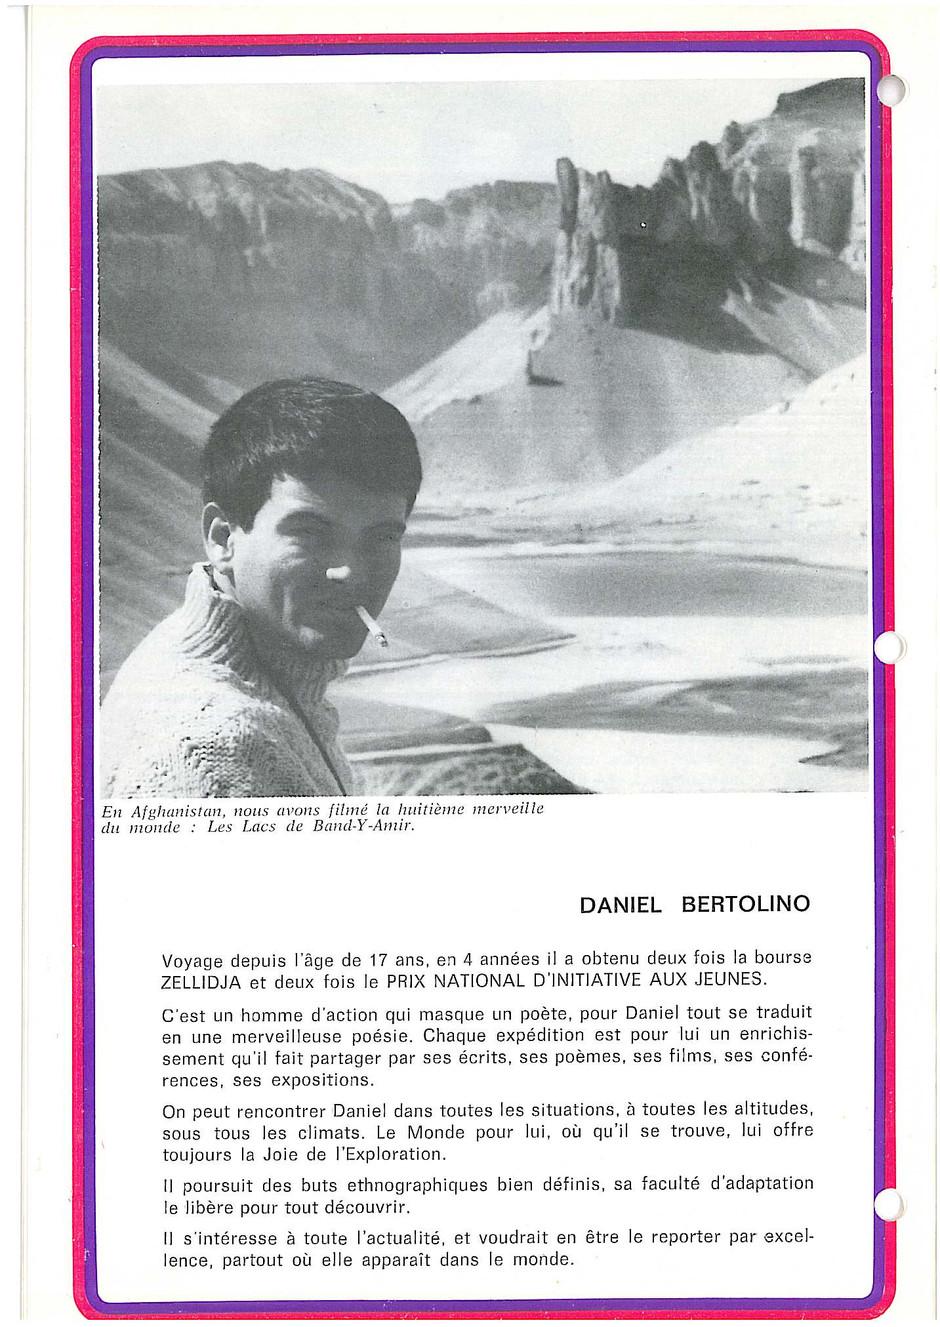 Daniel Bertolino, avant le Canada